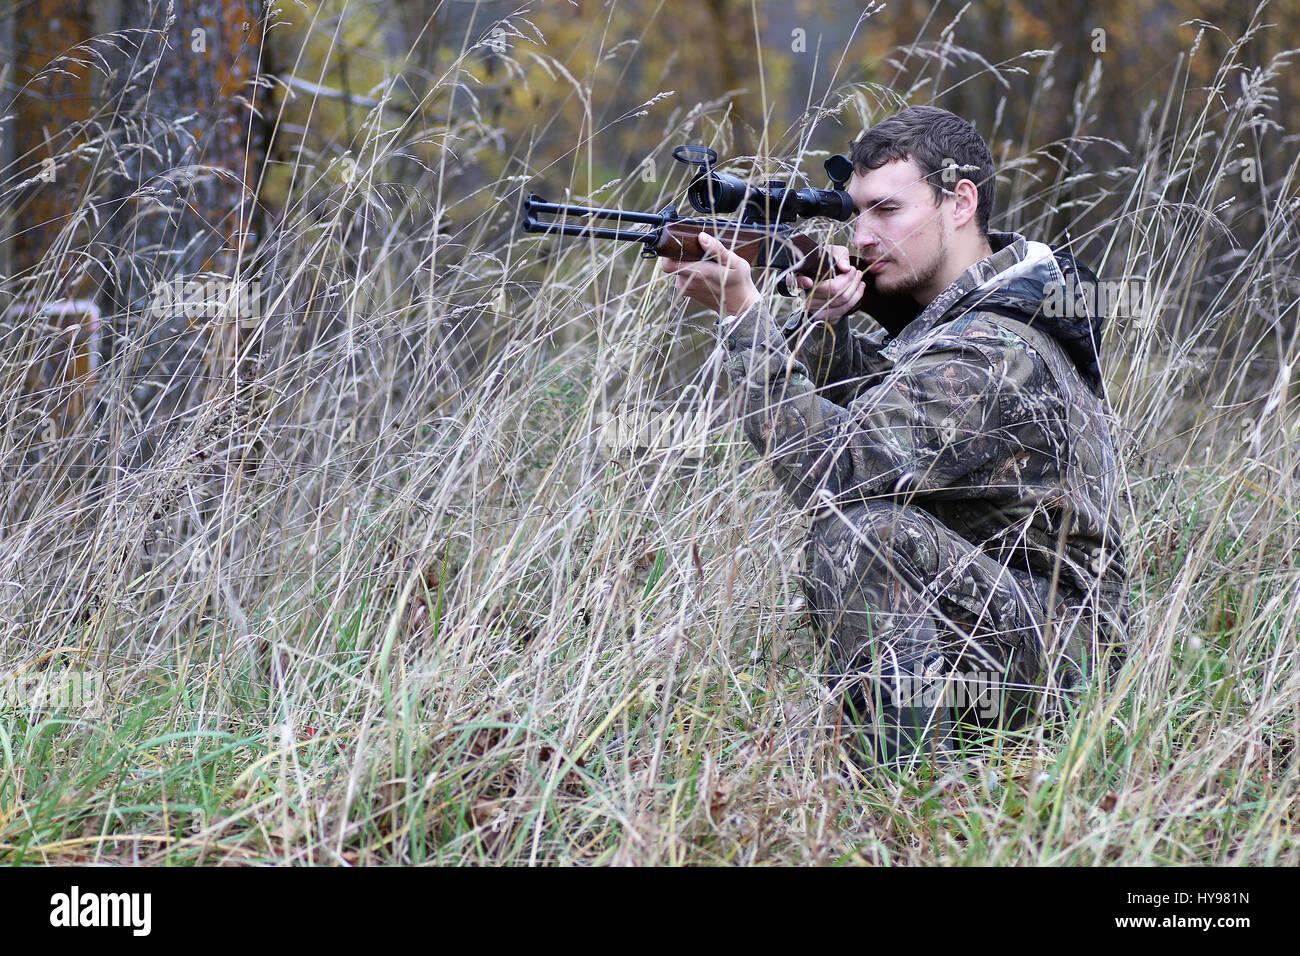 Uomo in mimetica e con armi da fuoco in una foresta la cinghia su una molla hun Immagini Stock